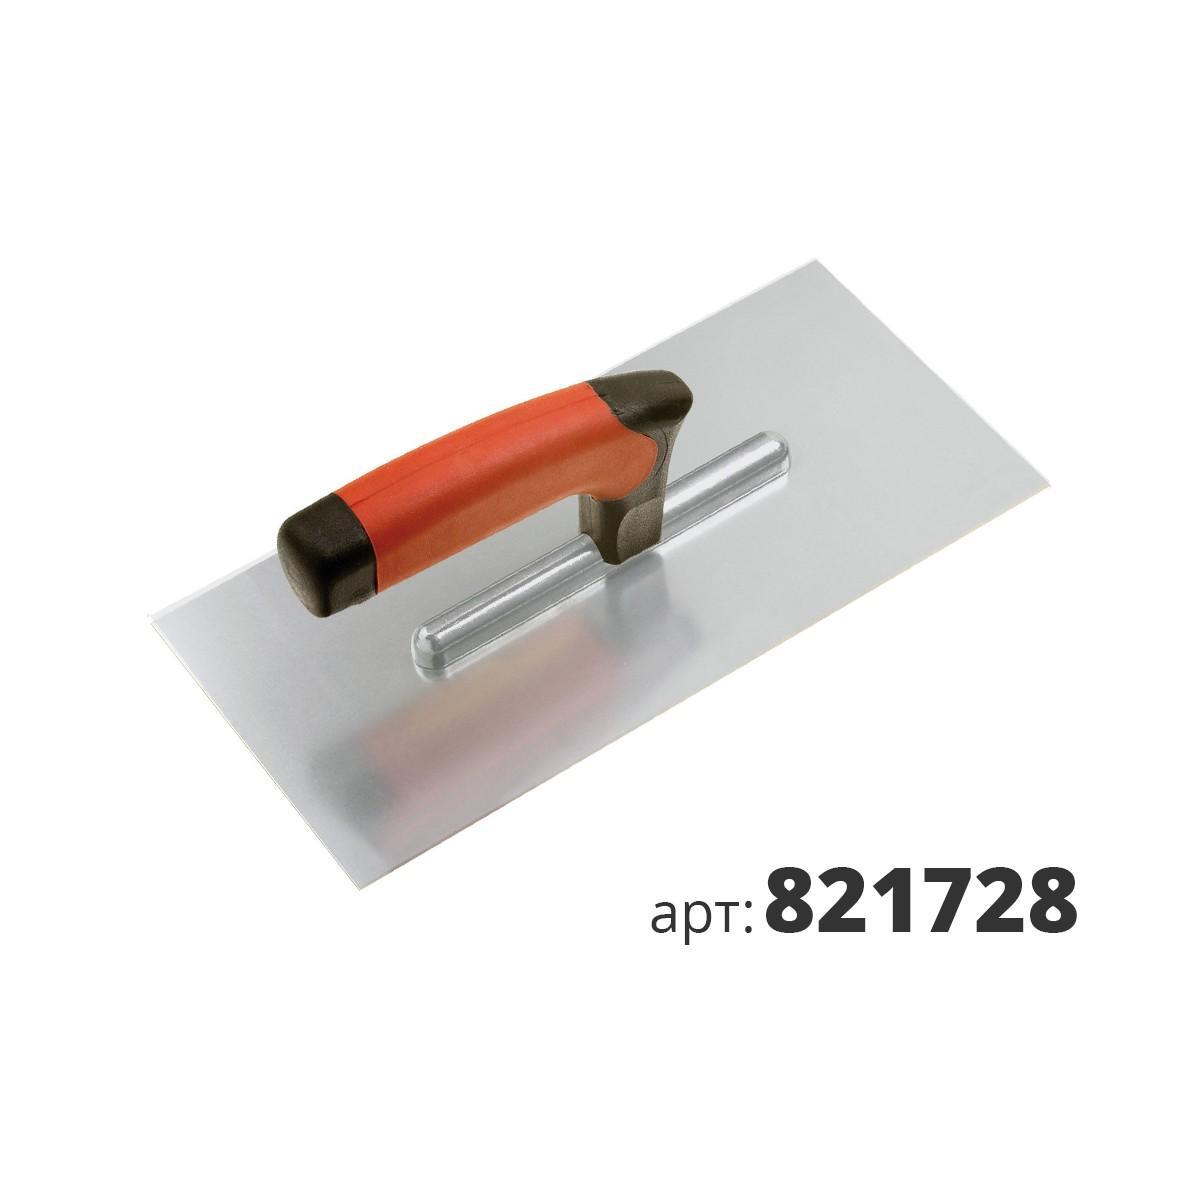 МАКО Кельма Soft Grip , высококачественная нержавеющая сталь 821728